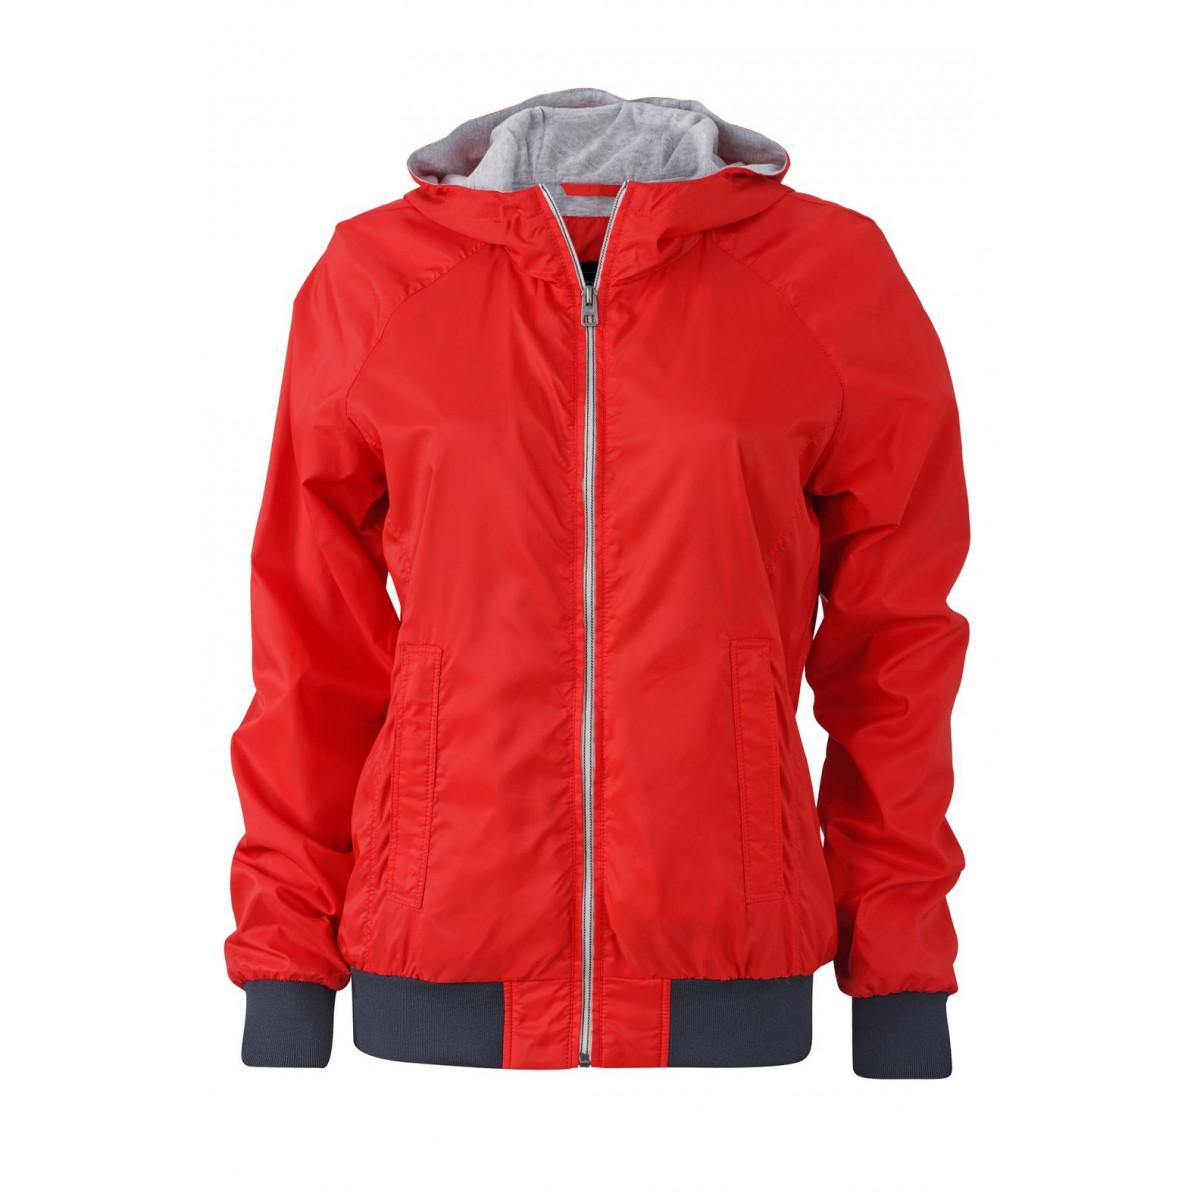 Куртка женская JN1107 Ladies Sports Jacket - Светло-красный/Темно-синий